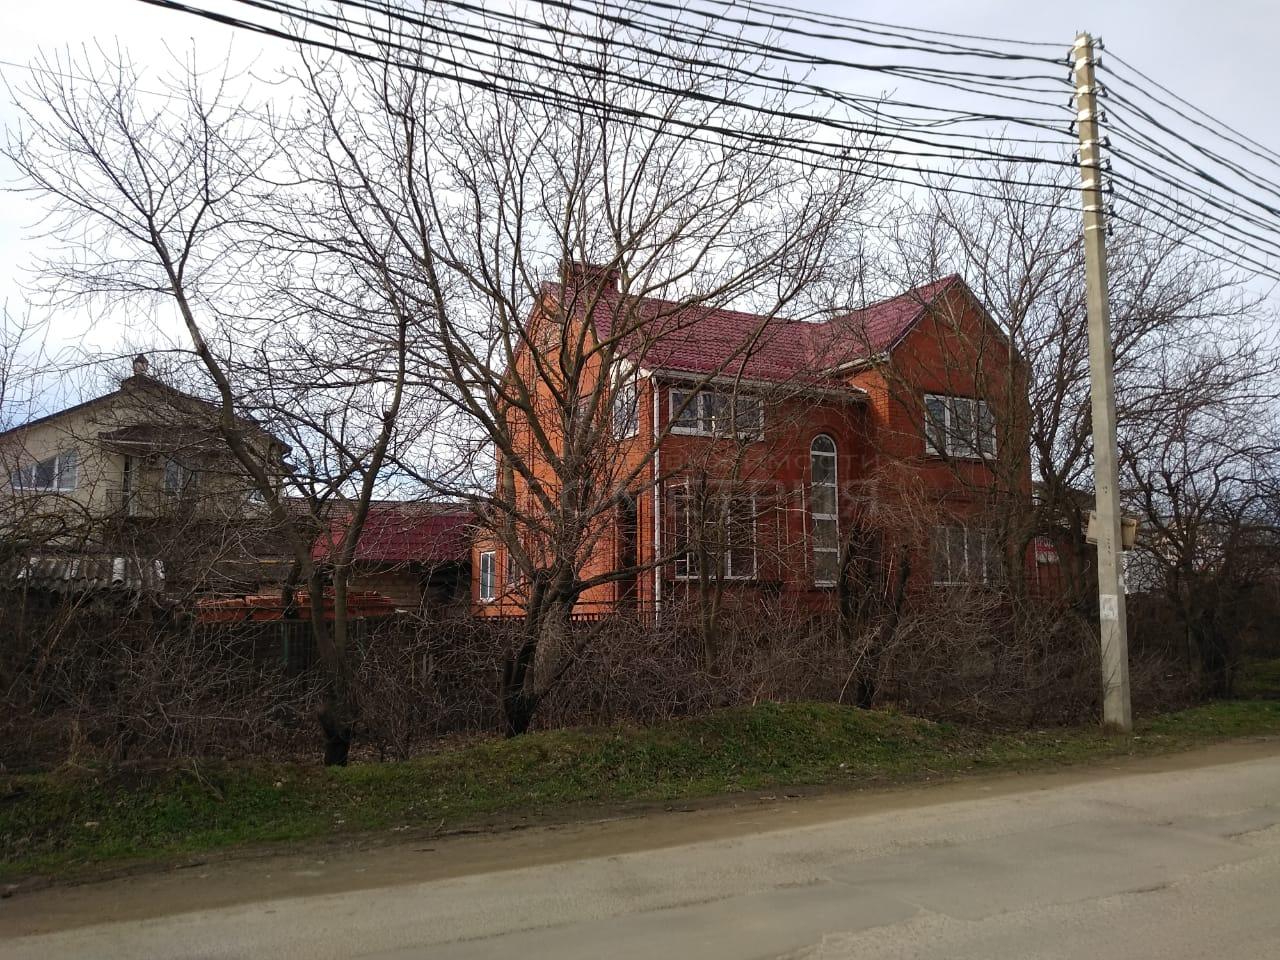 Продам дом по адресу Россия, Краснодарский край, городской округ Краснодар, Краснодар, Троицкая улица фото 3 по выгодной цене